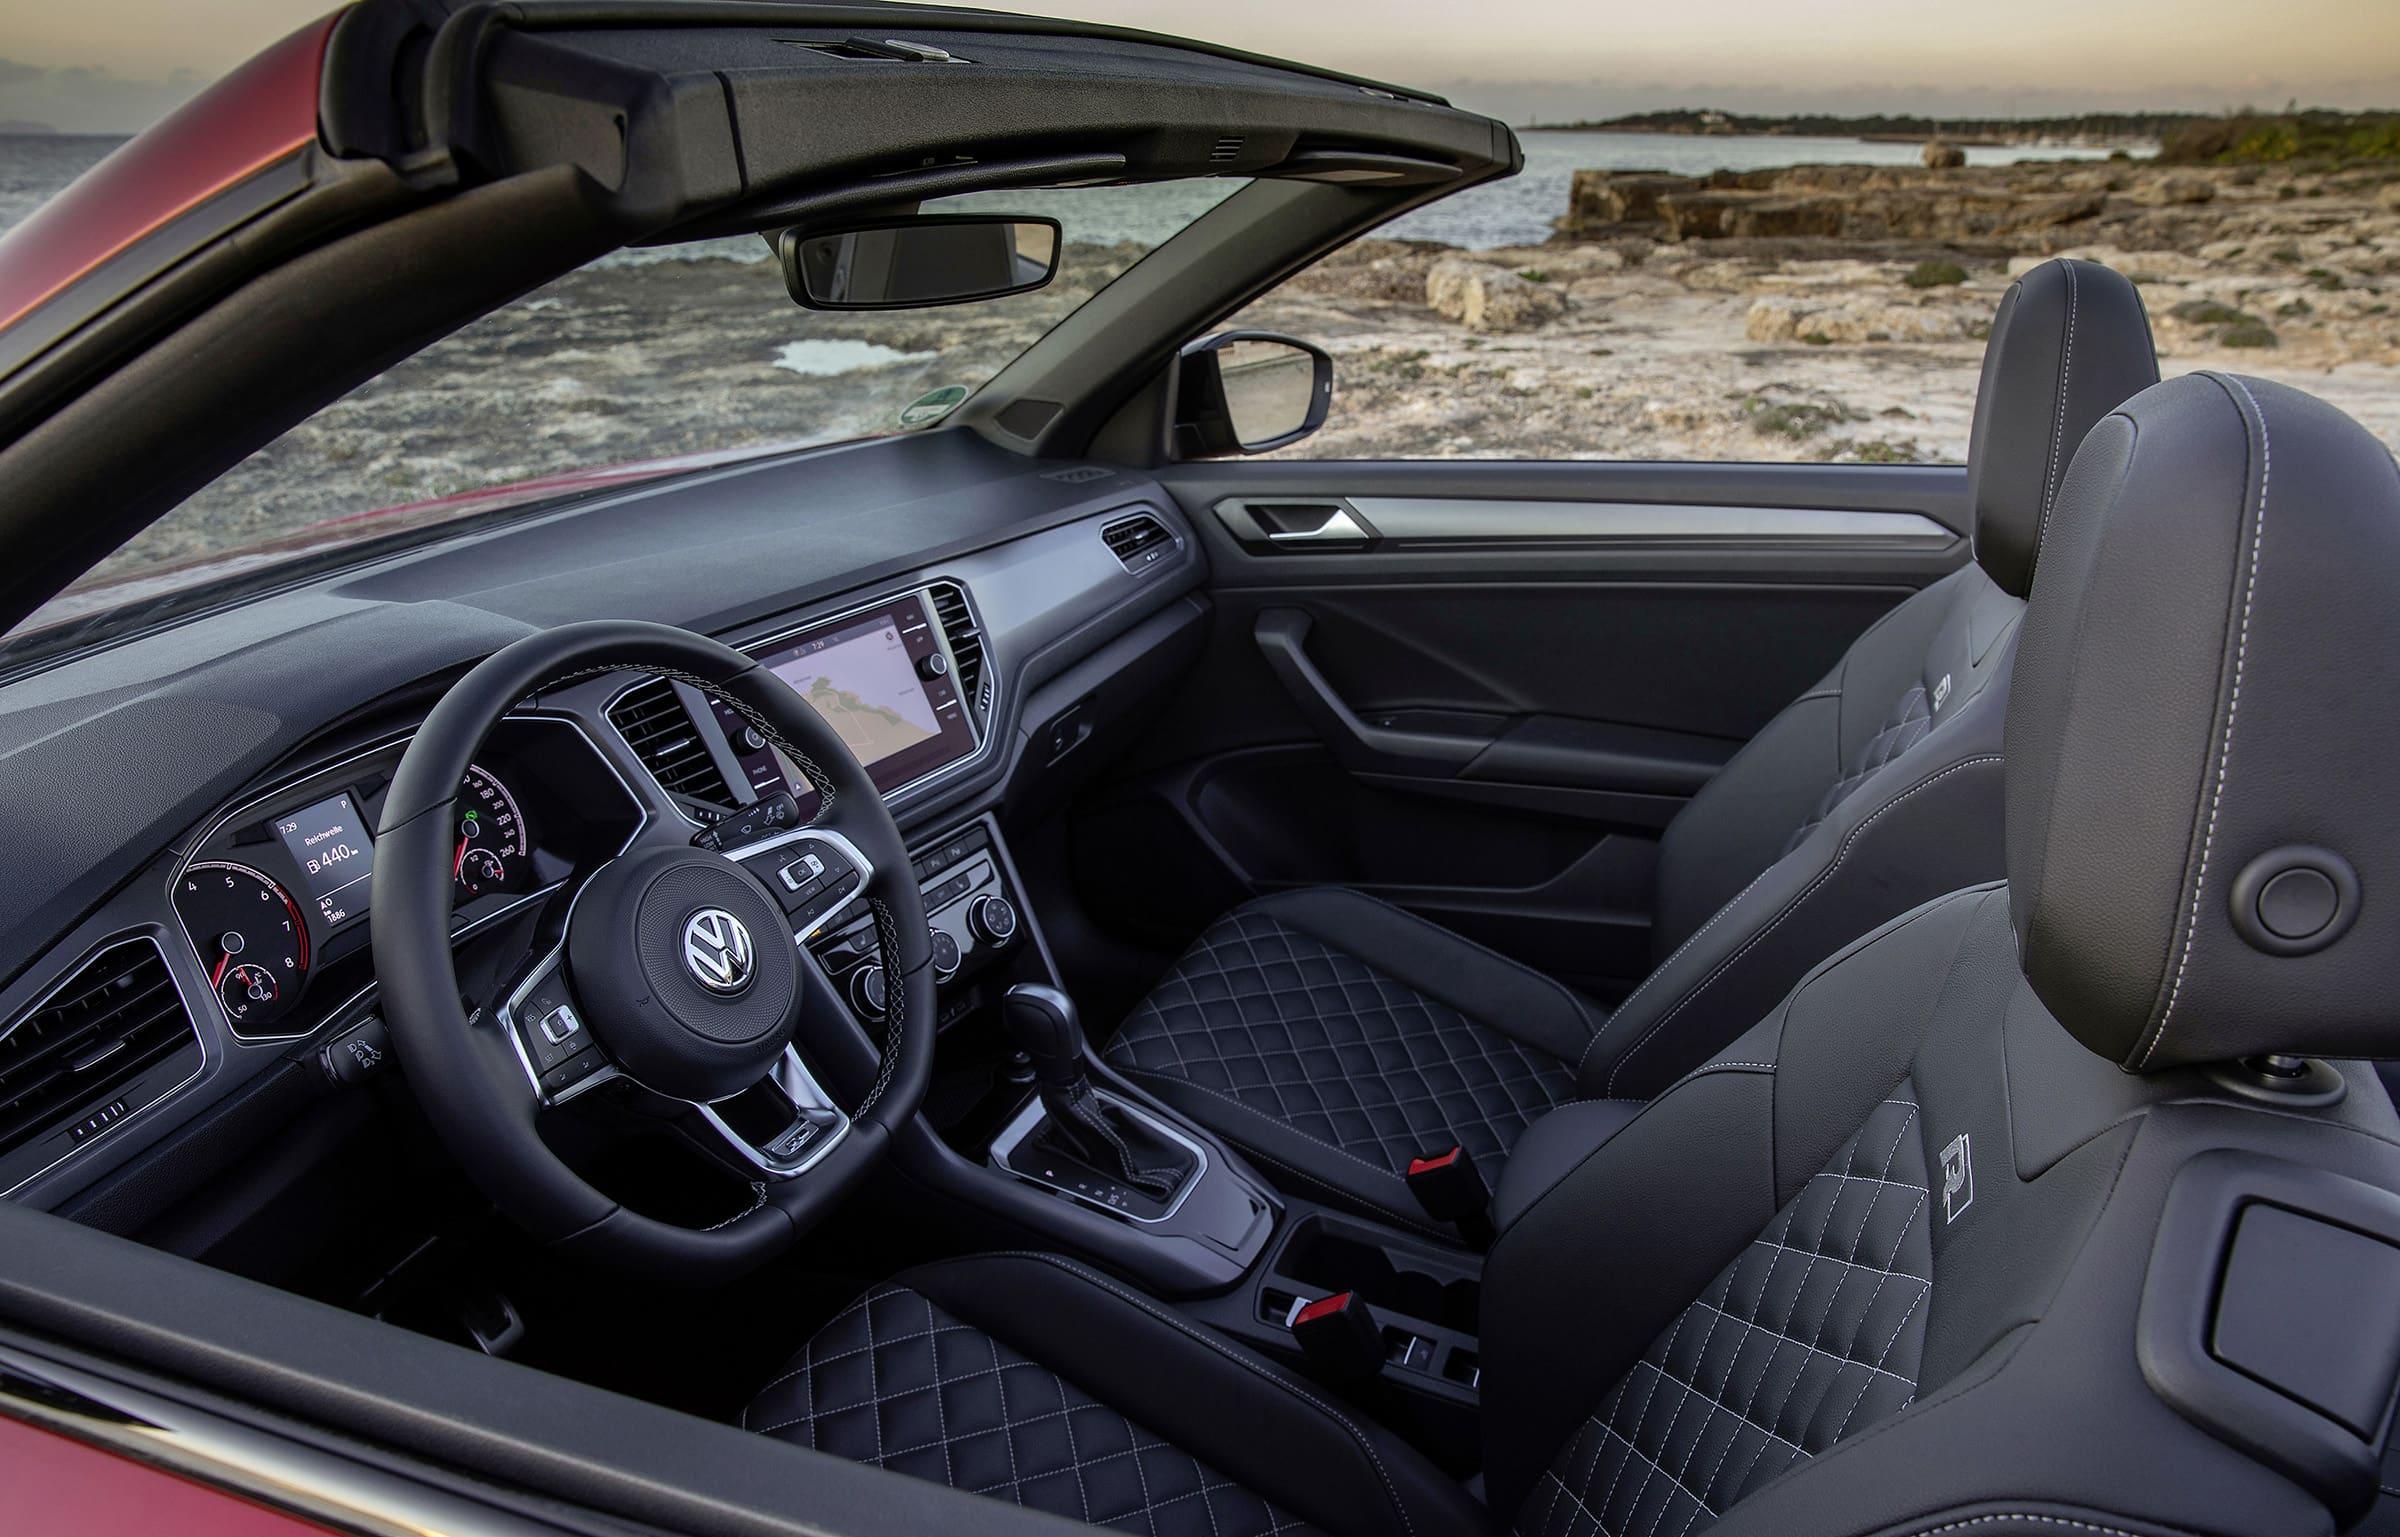 To νέο Volkswagen T-Roc Cabriolet - Εσωτερικό